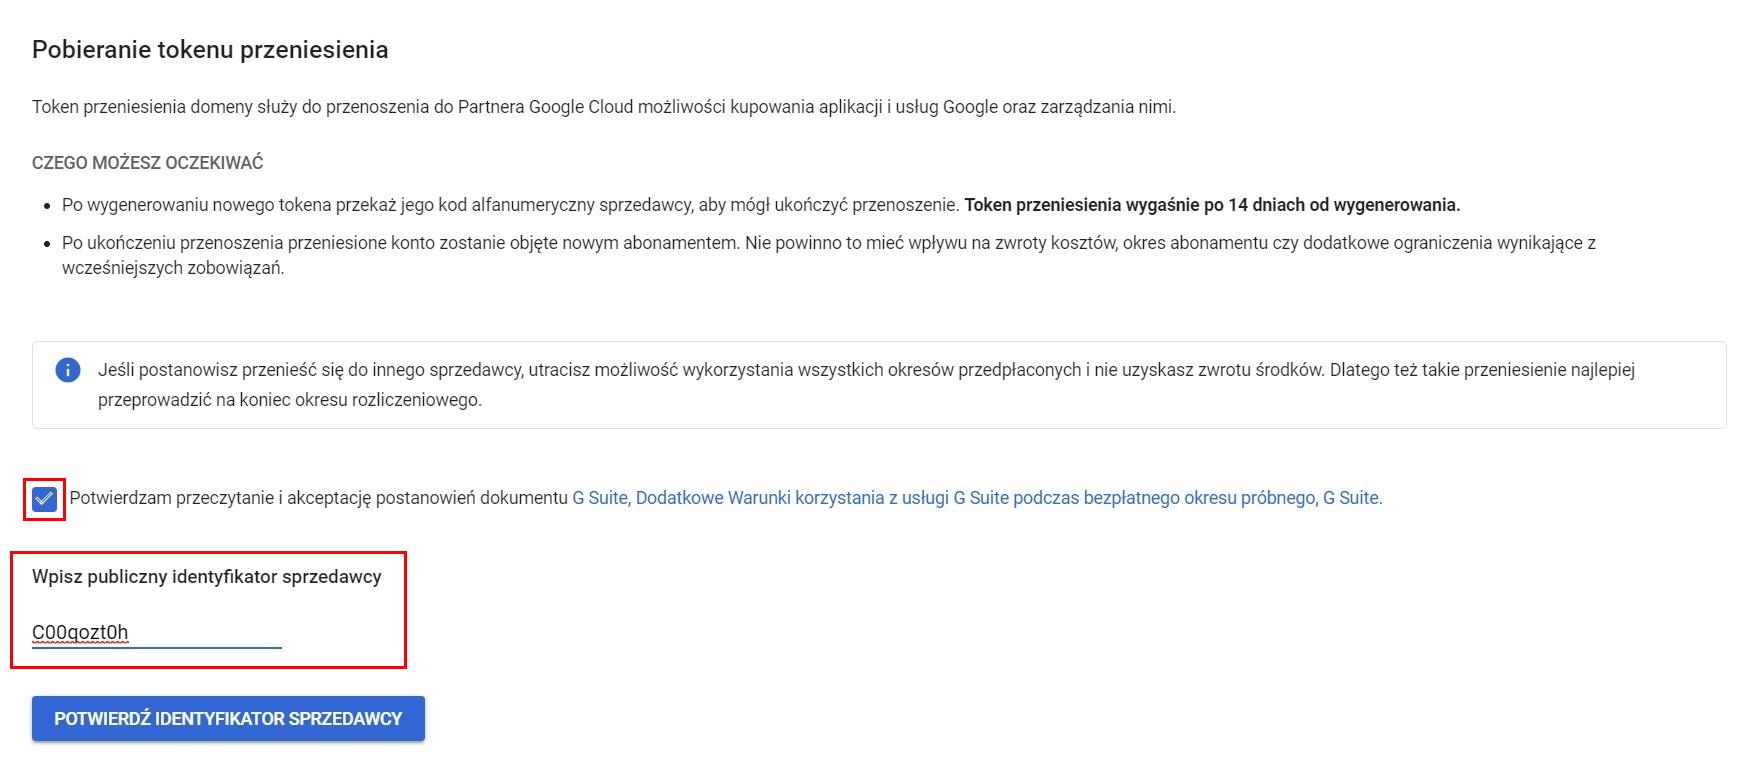 Jak przenieść konto Google do sprzedawcy? Migracja Google Workspace przy użyciu tokena przeniesienia